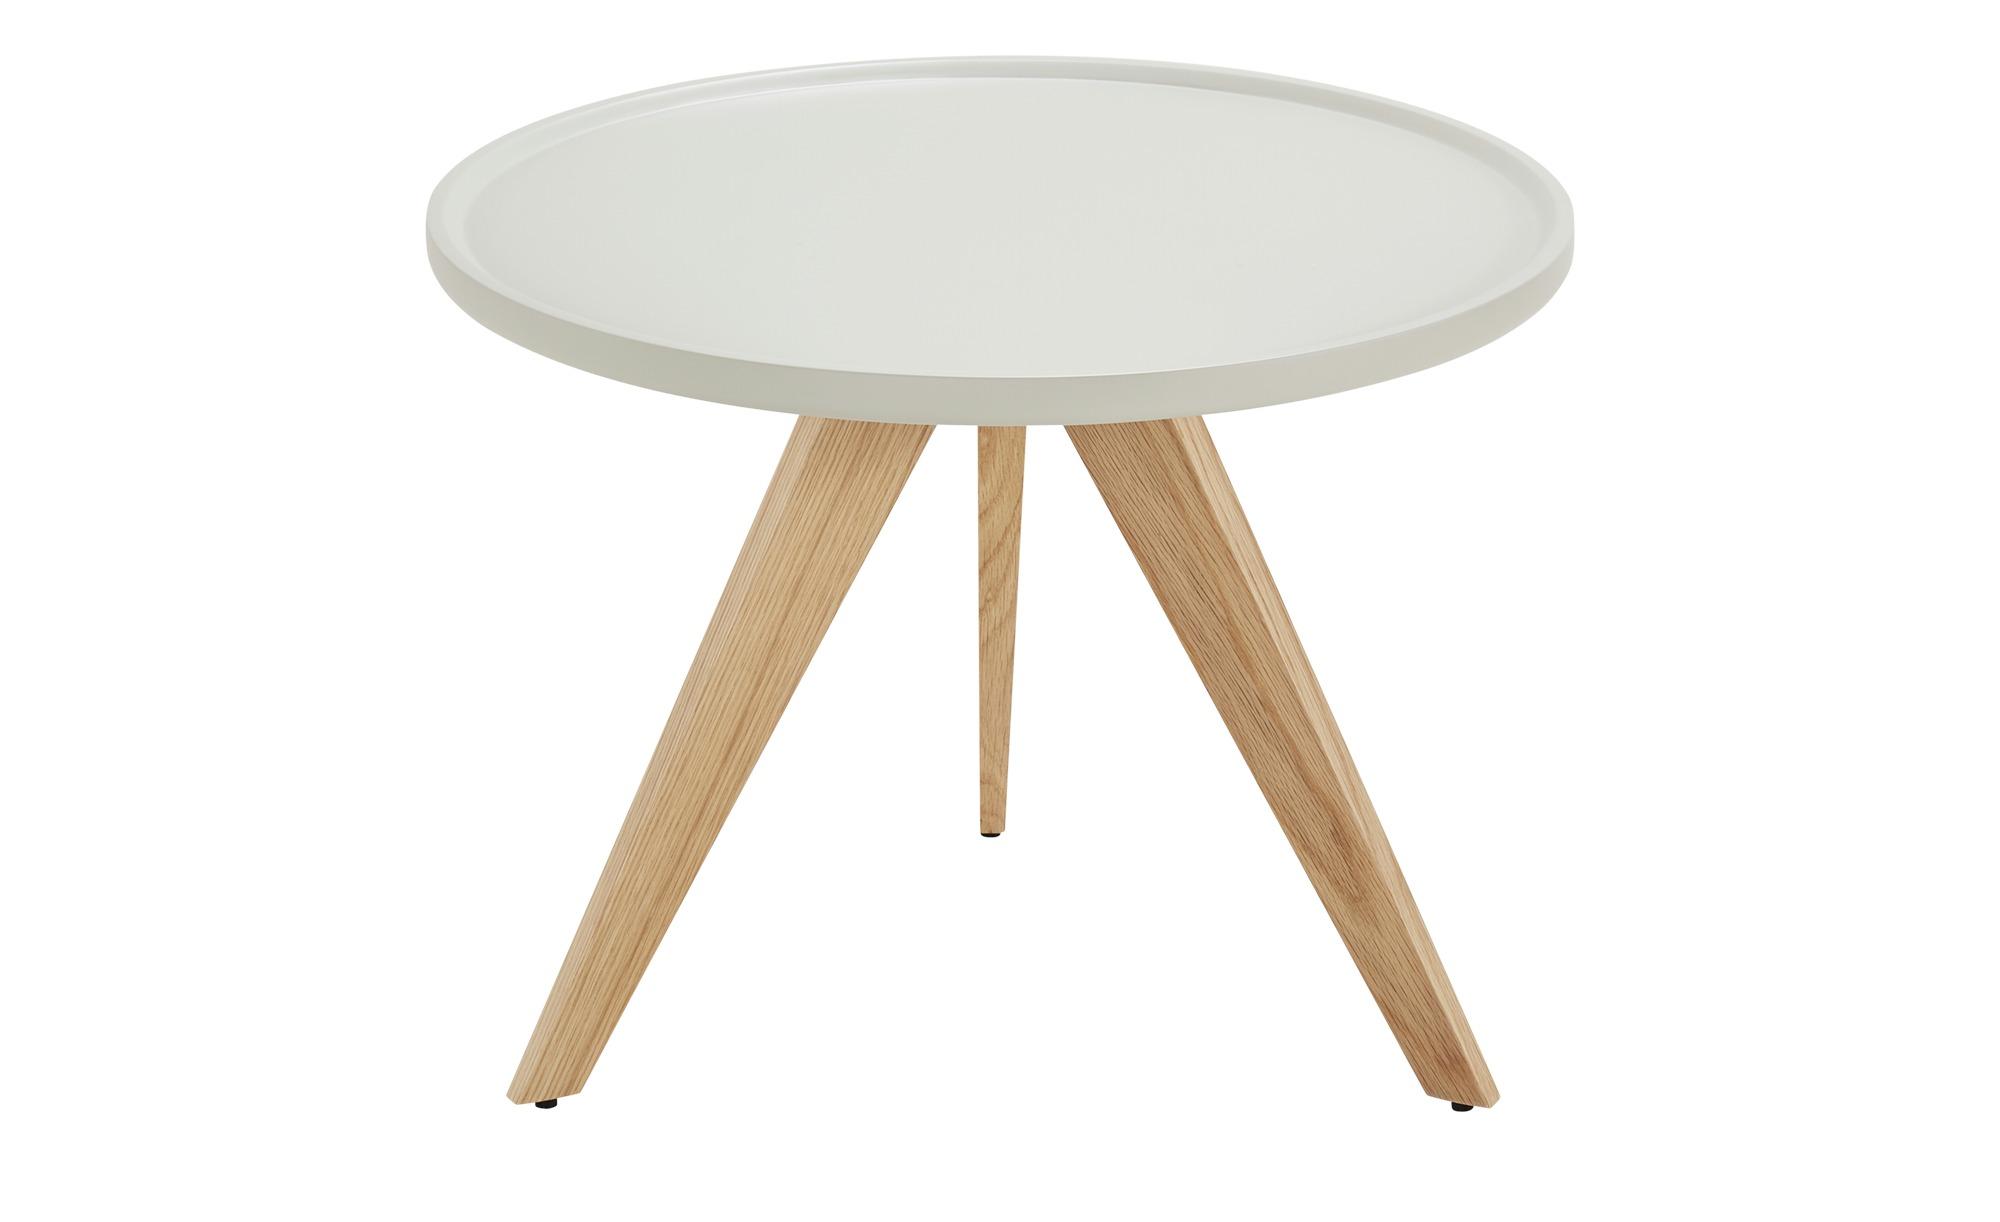 Beistelltisch  Glen II ¦ Maße (cm): H: 46 Ø: [60.0] Tische > Couchtische > Couchtische rund - Höffner